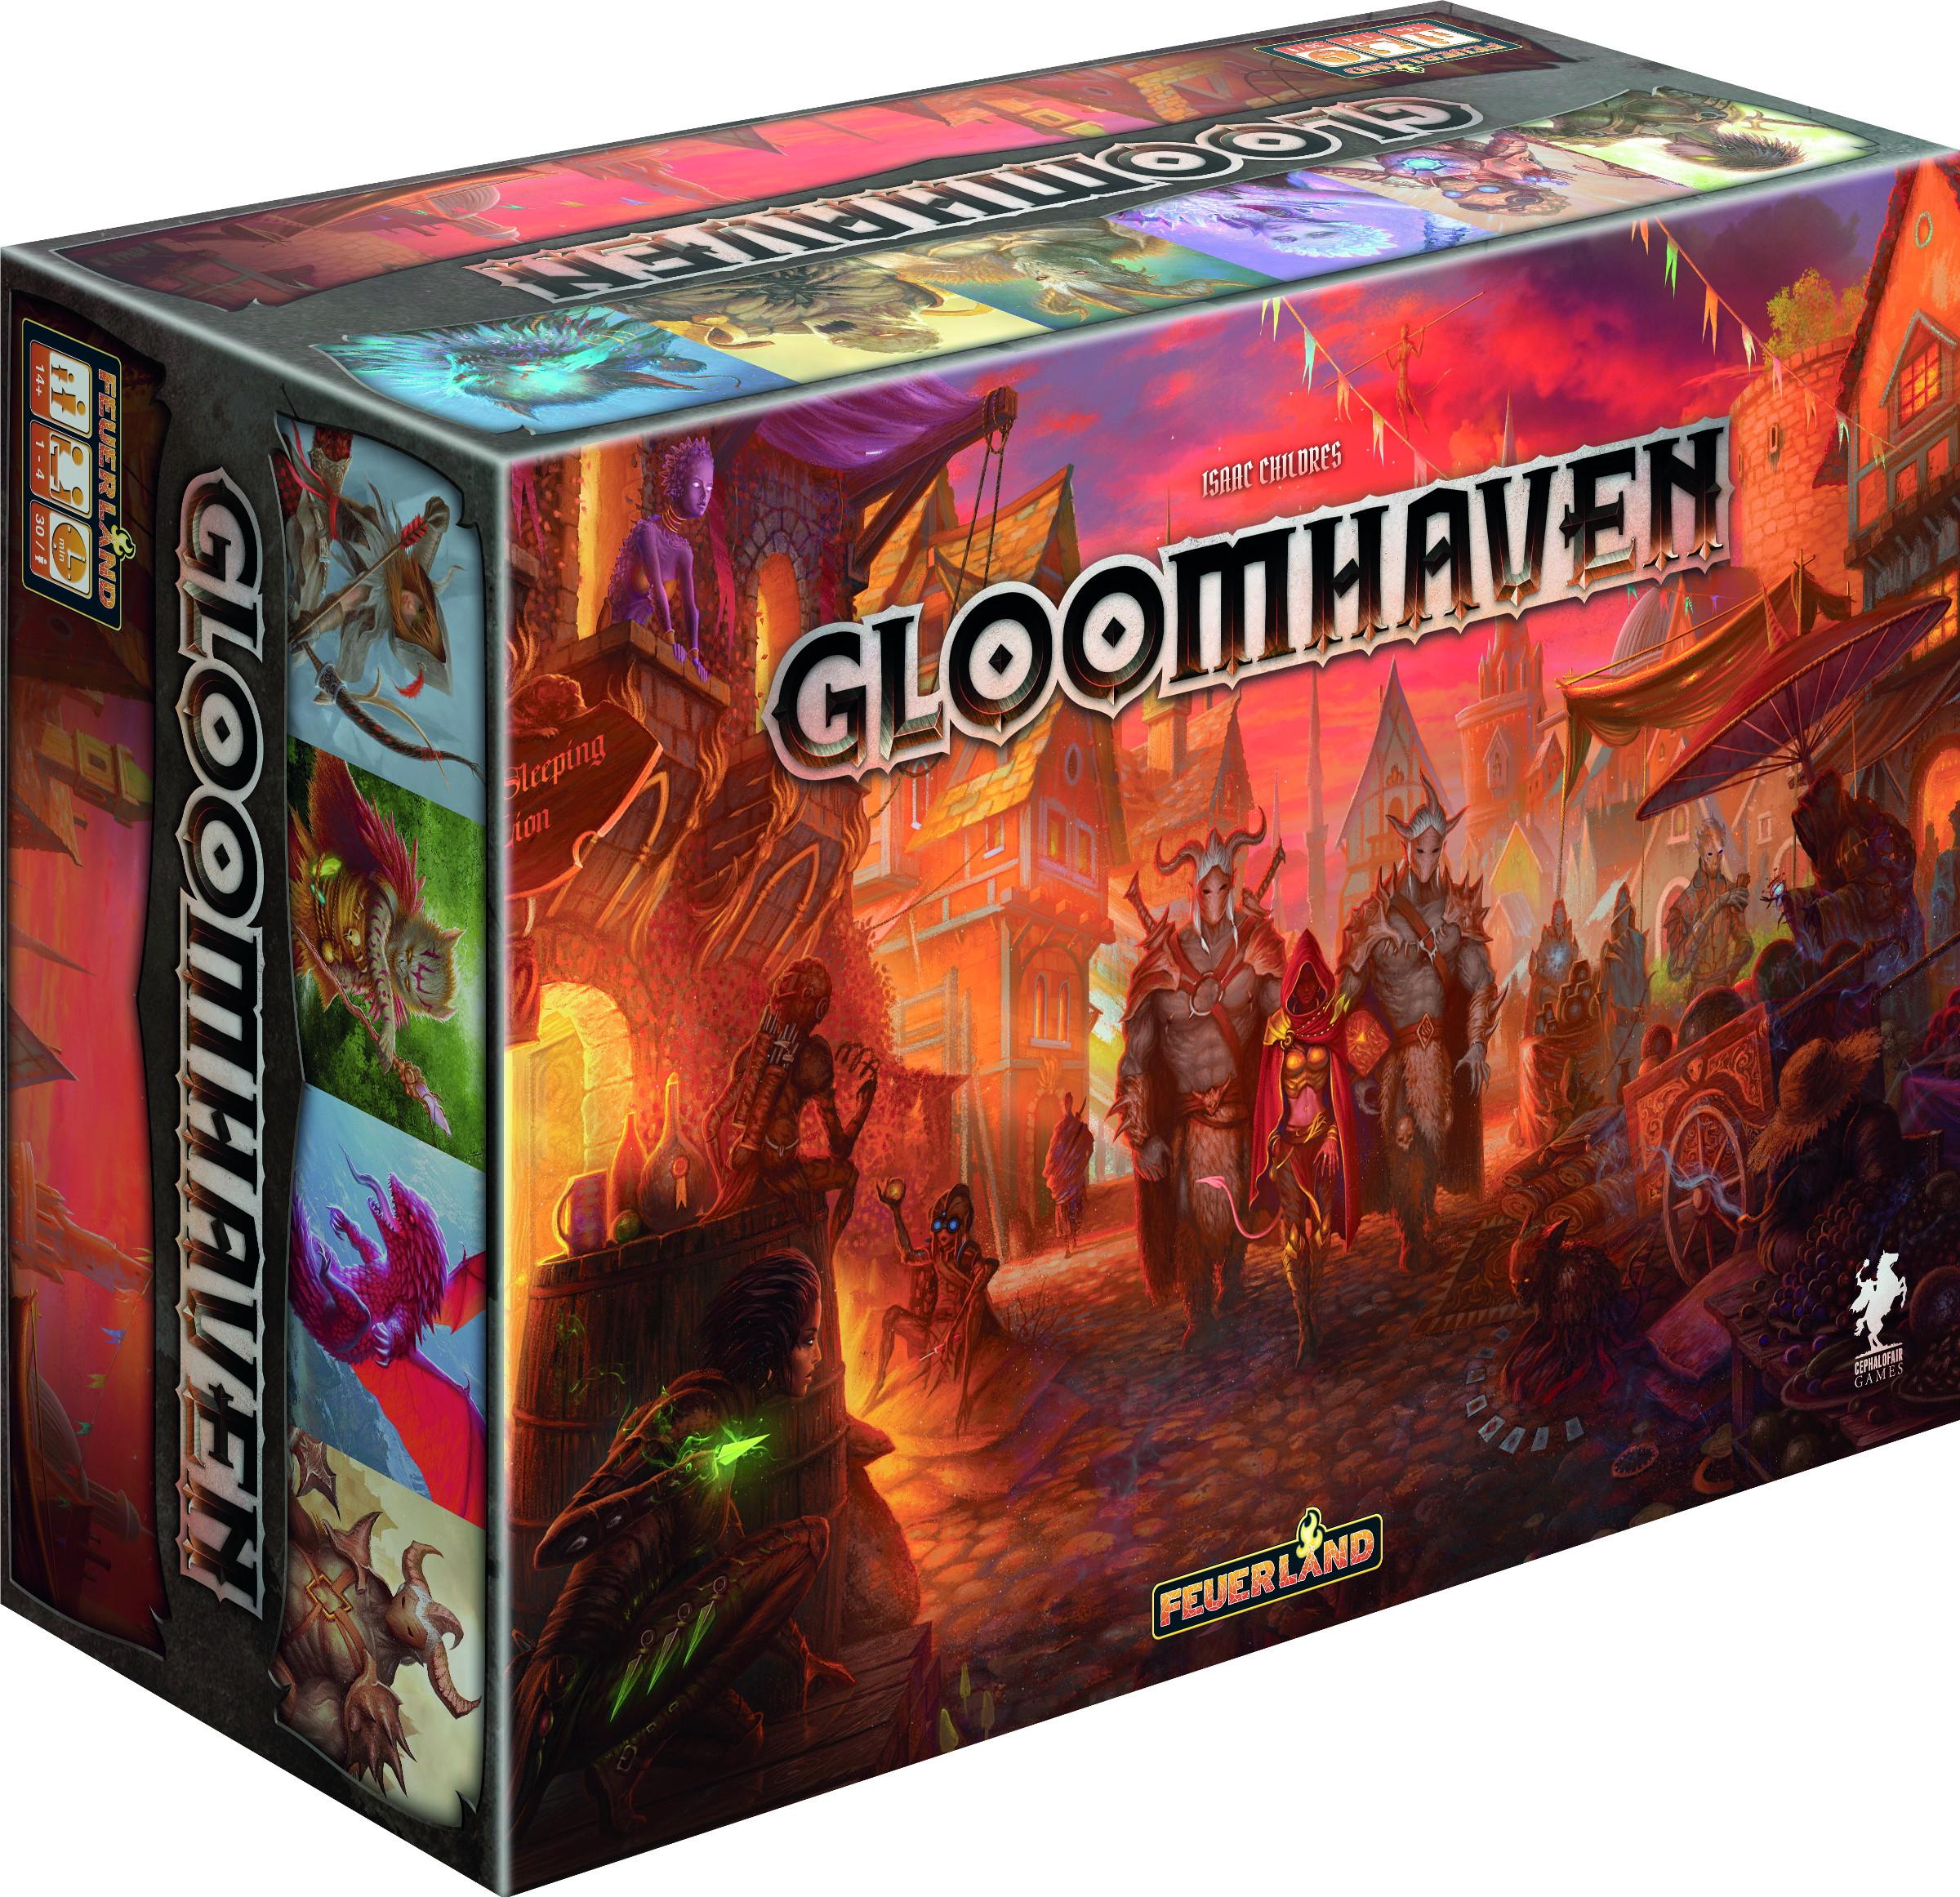 Brettspiel / Rollenspiel Gloomhaven + Erweiterung Die Pranken des Löwen (vorbestellung) - Boardgamegeek Platz 1